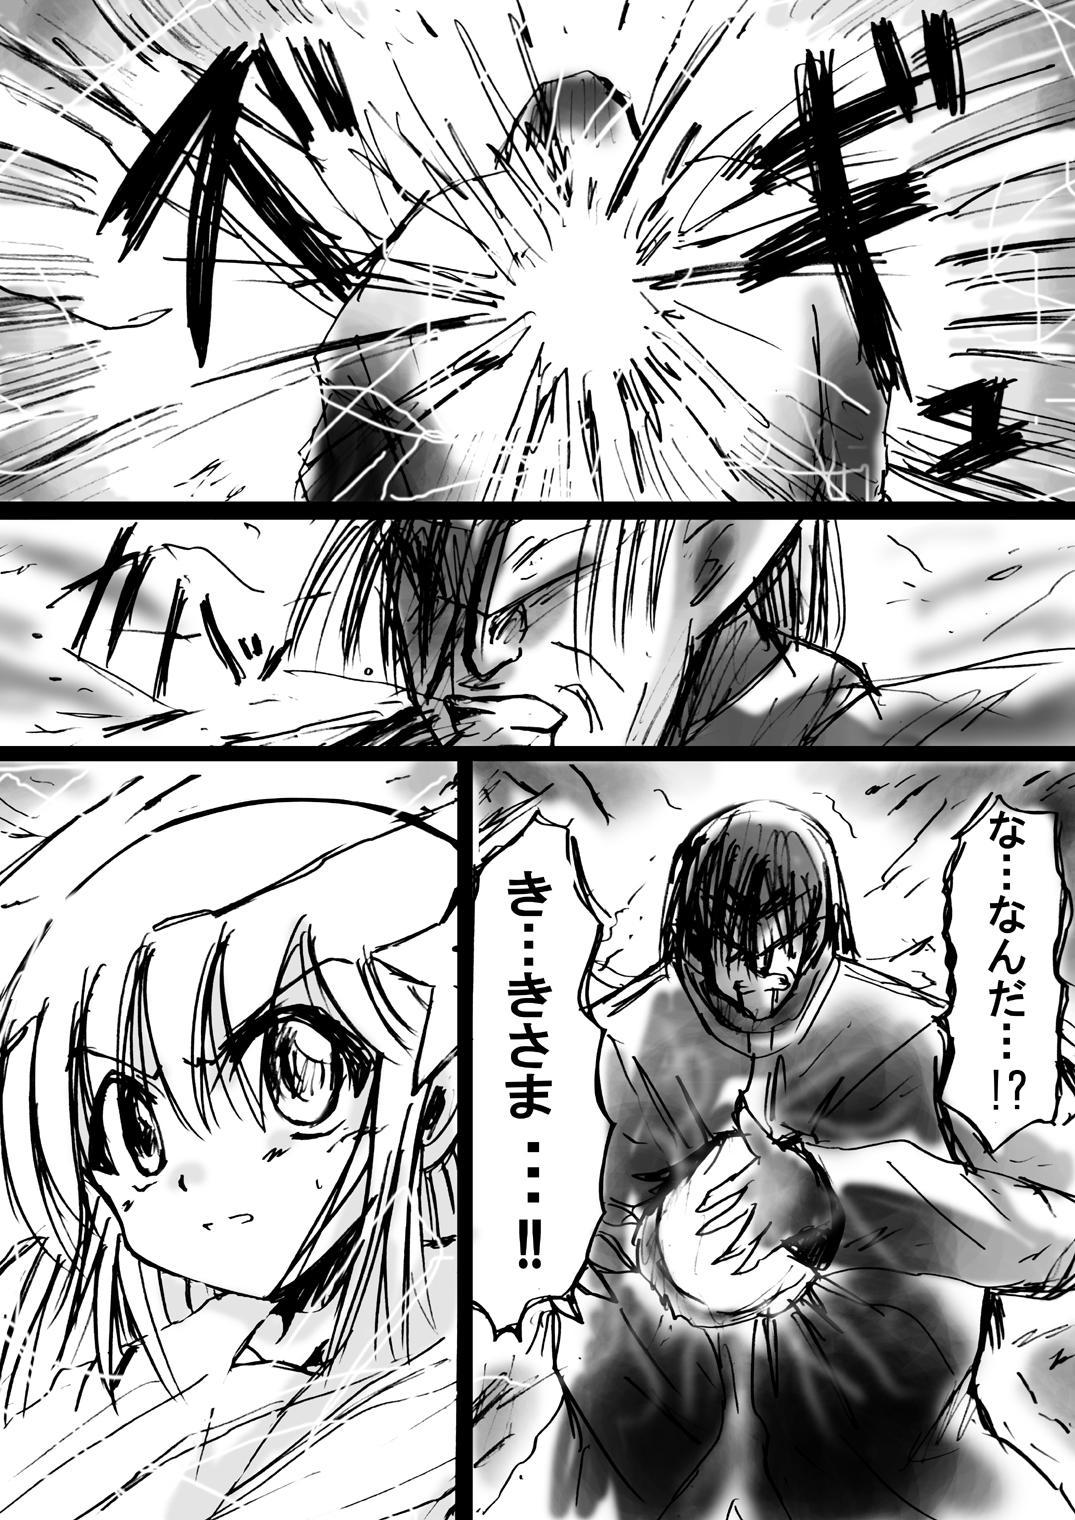 [Dende] Fushigi Sekai -Mystery World- Nonoha 5 ~Jokuma no Kyouniku no Tainai Shinshoku~ 133